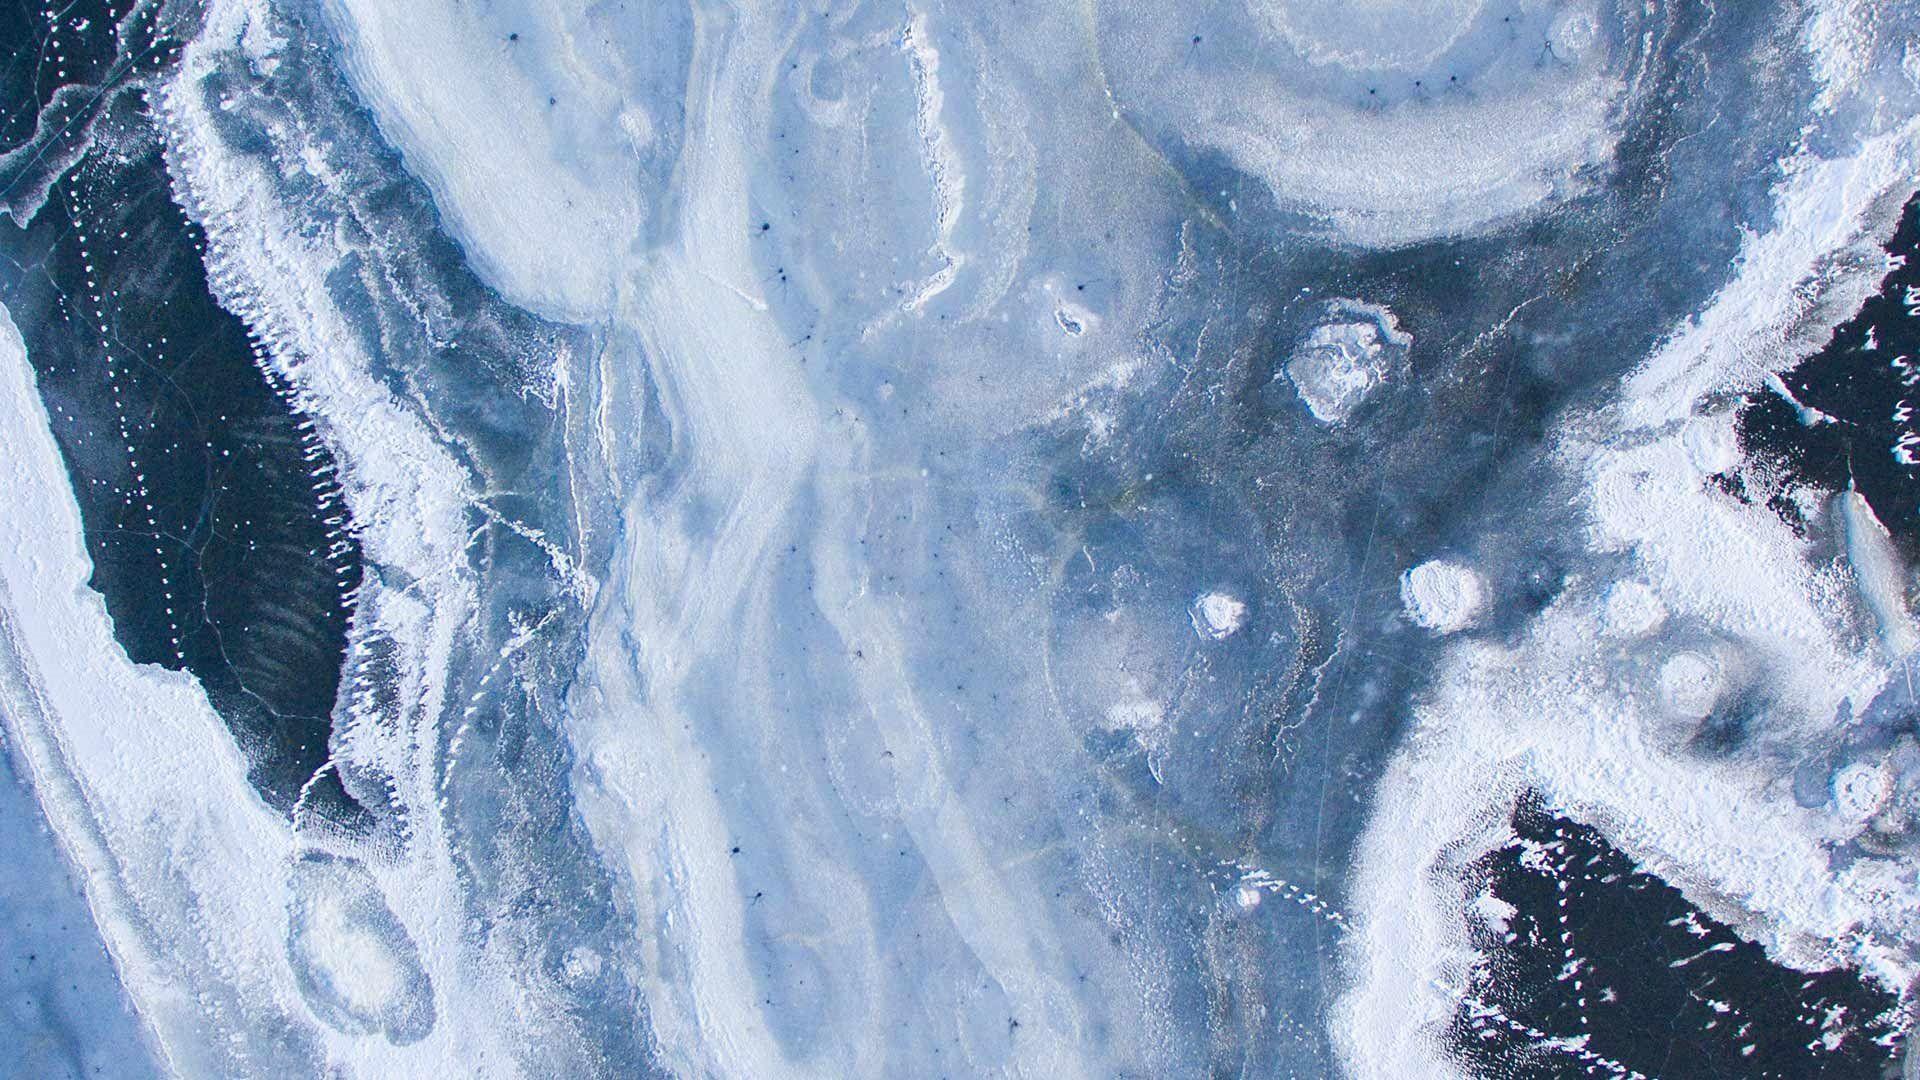 Winter Aesthetic Desktop Wallpapers Wallpaper Cave